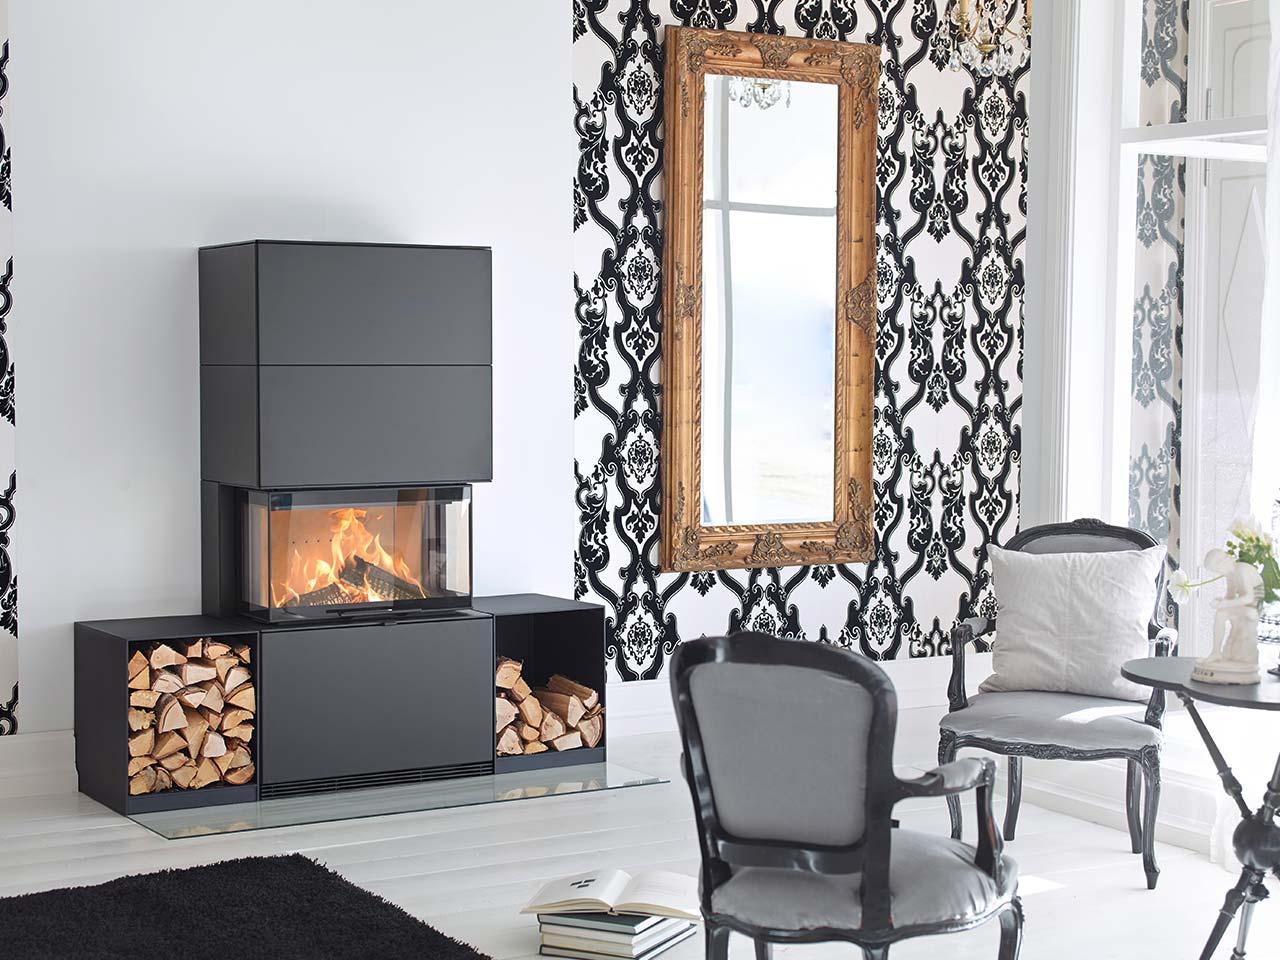 Kaminofen Contura i51 aus matt schwarzem Stahl mit seitlichem Stauraum